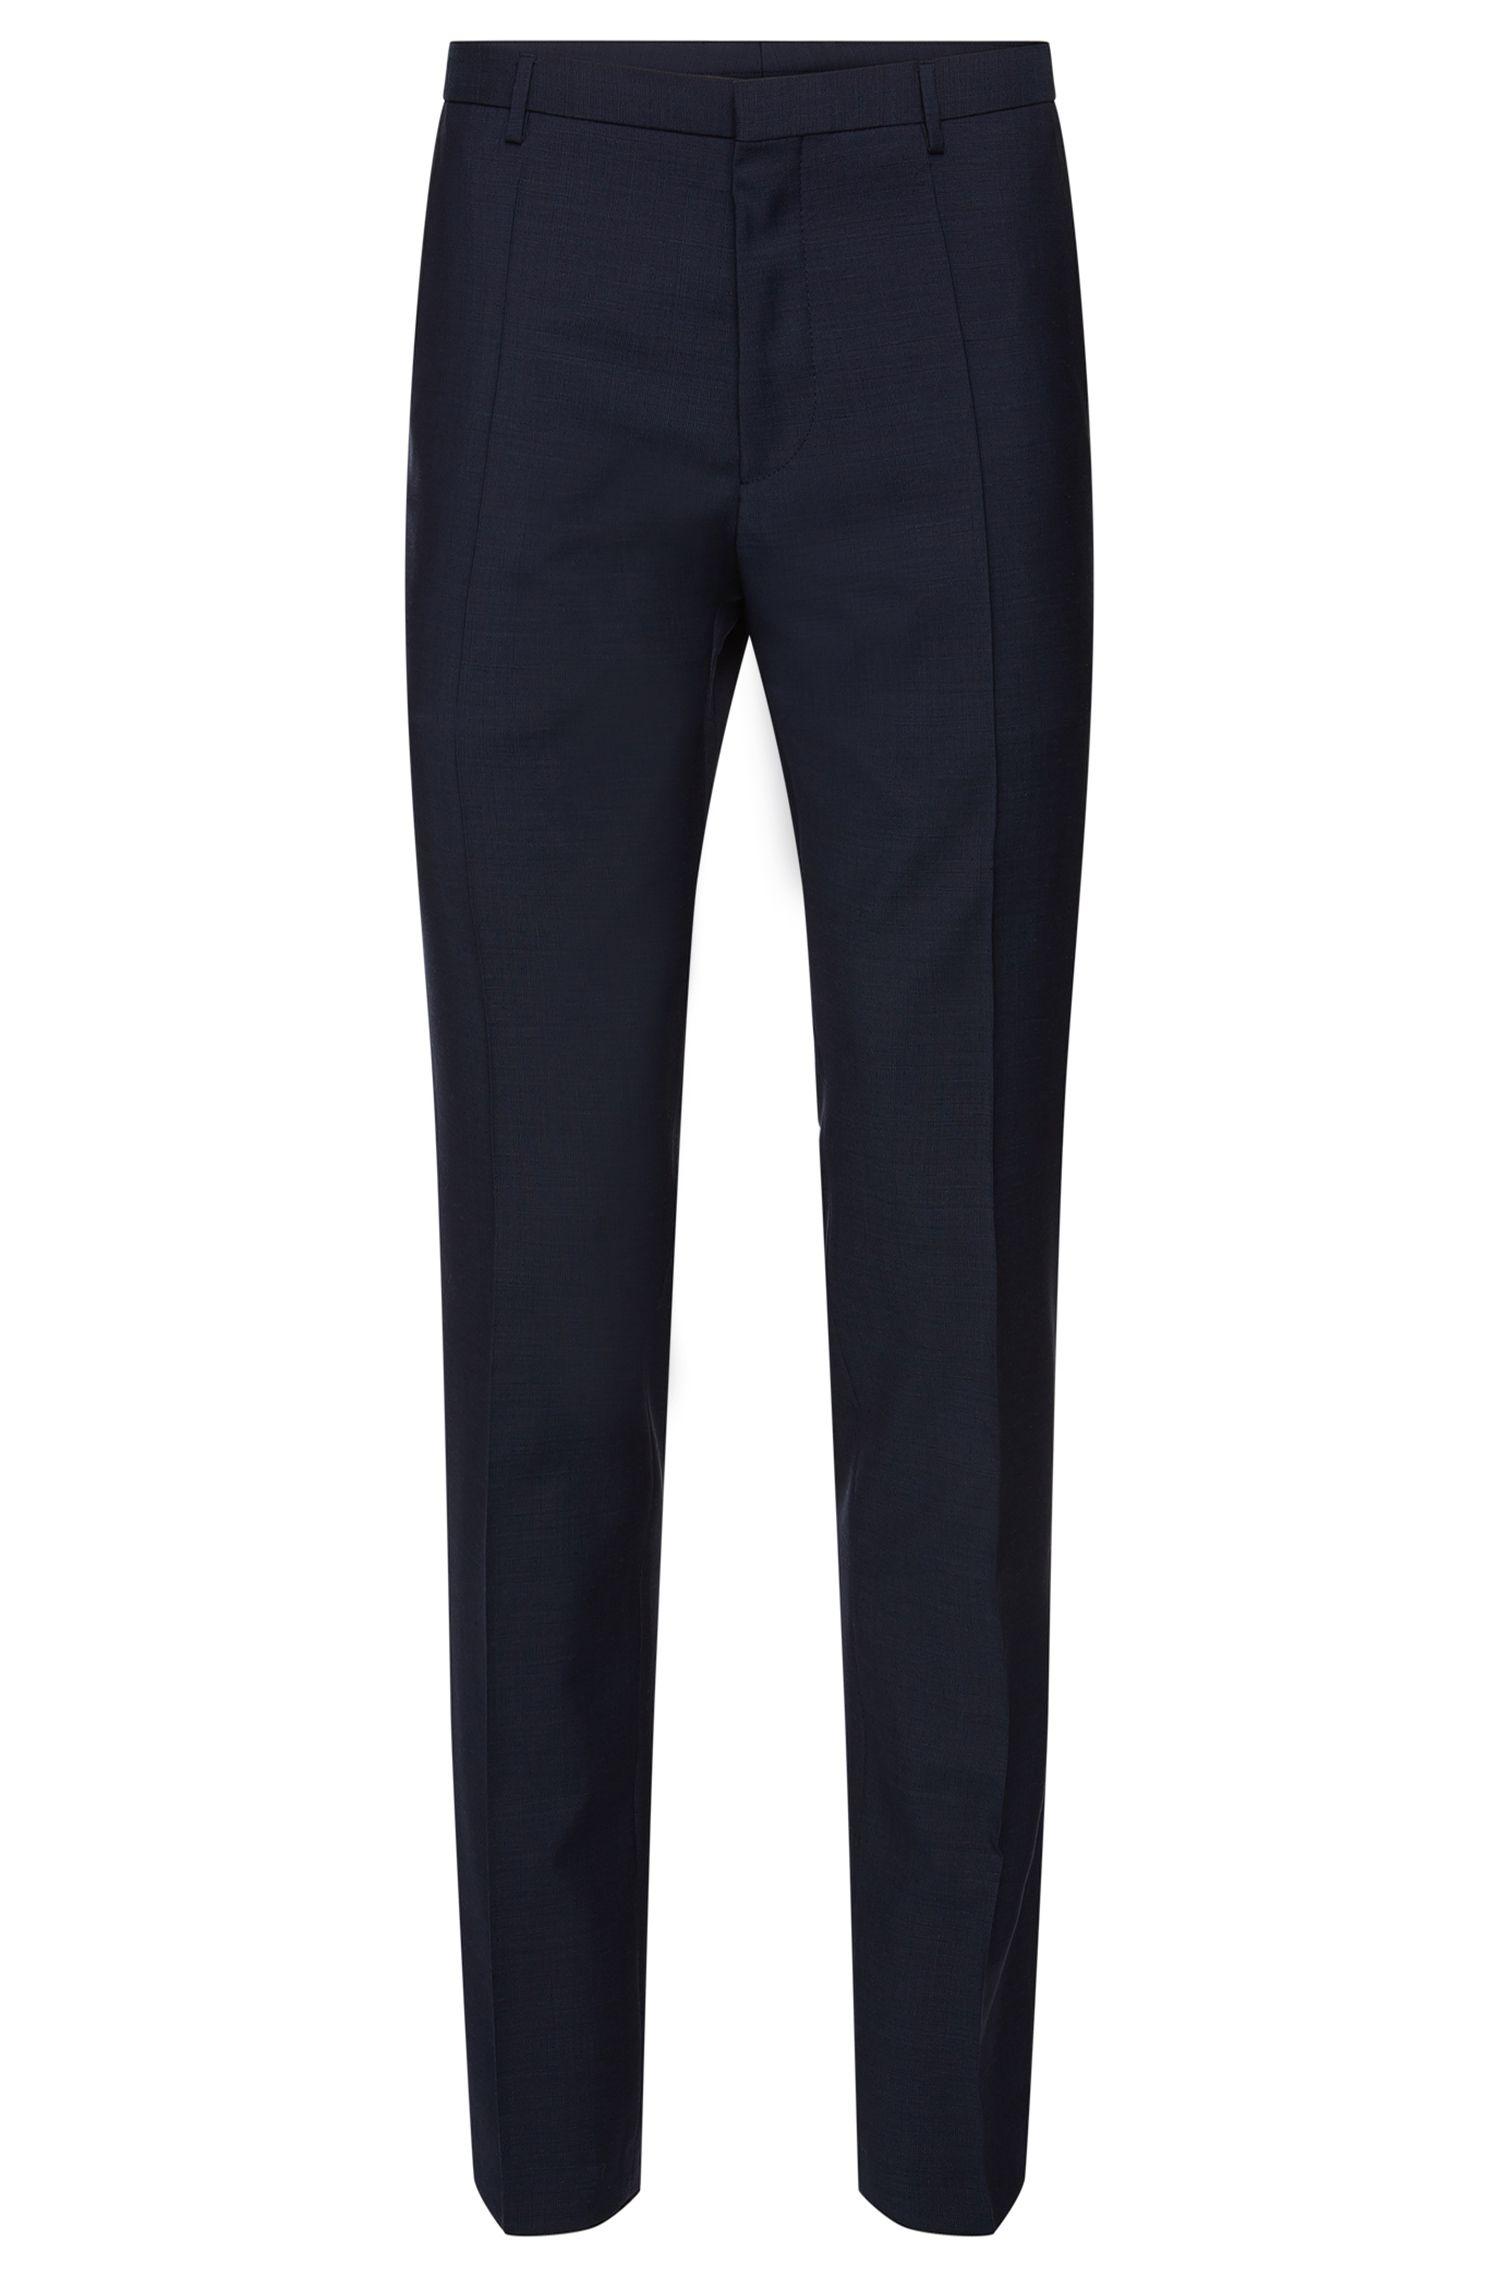 'Weldon'   Extra Slim Fit, Virgin Wool Dress Pants